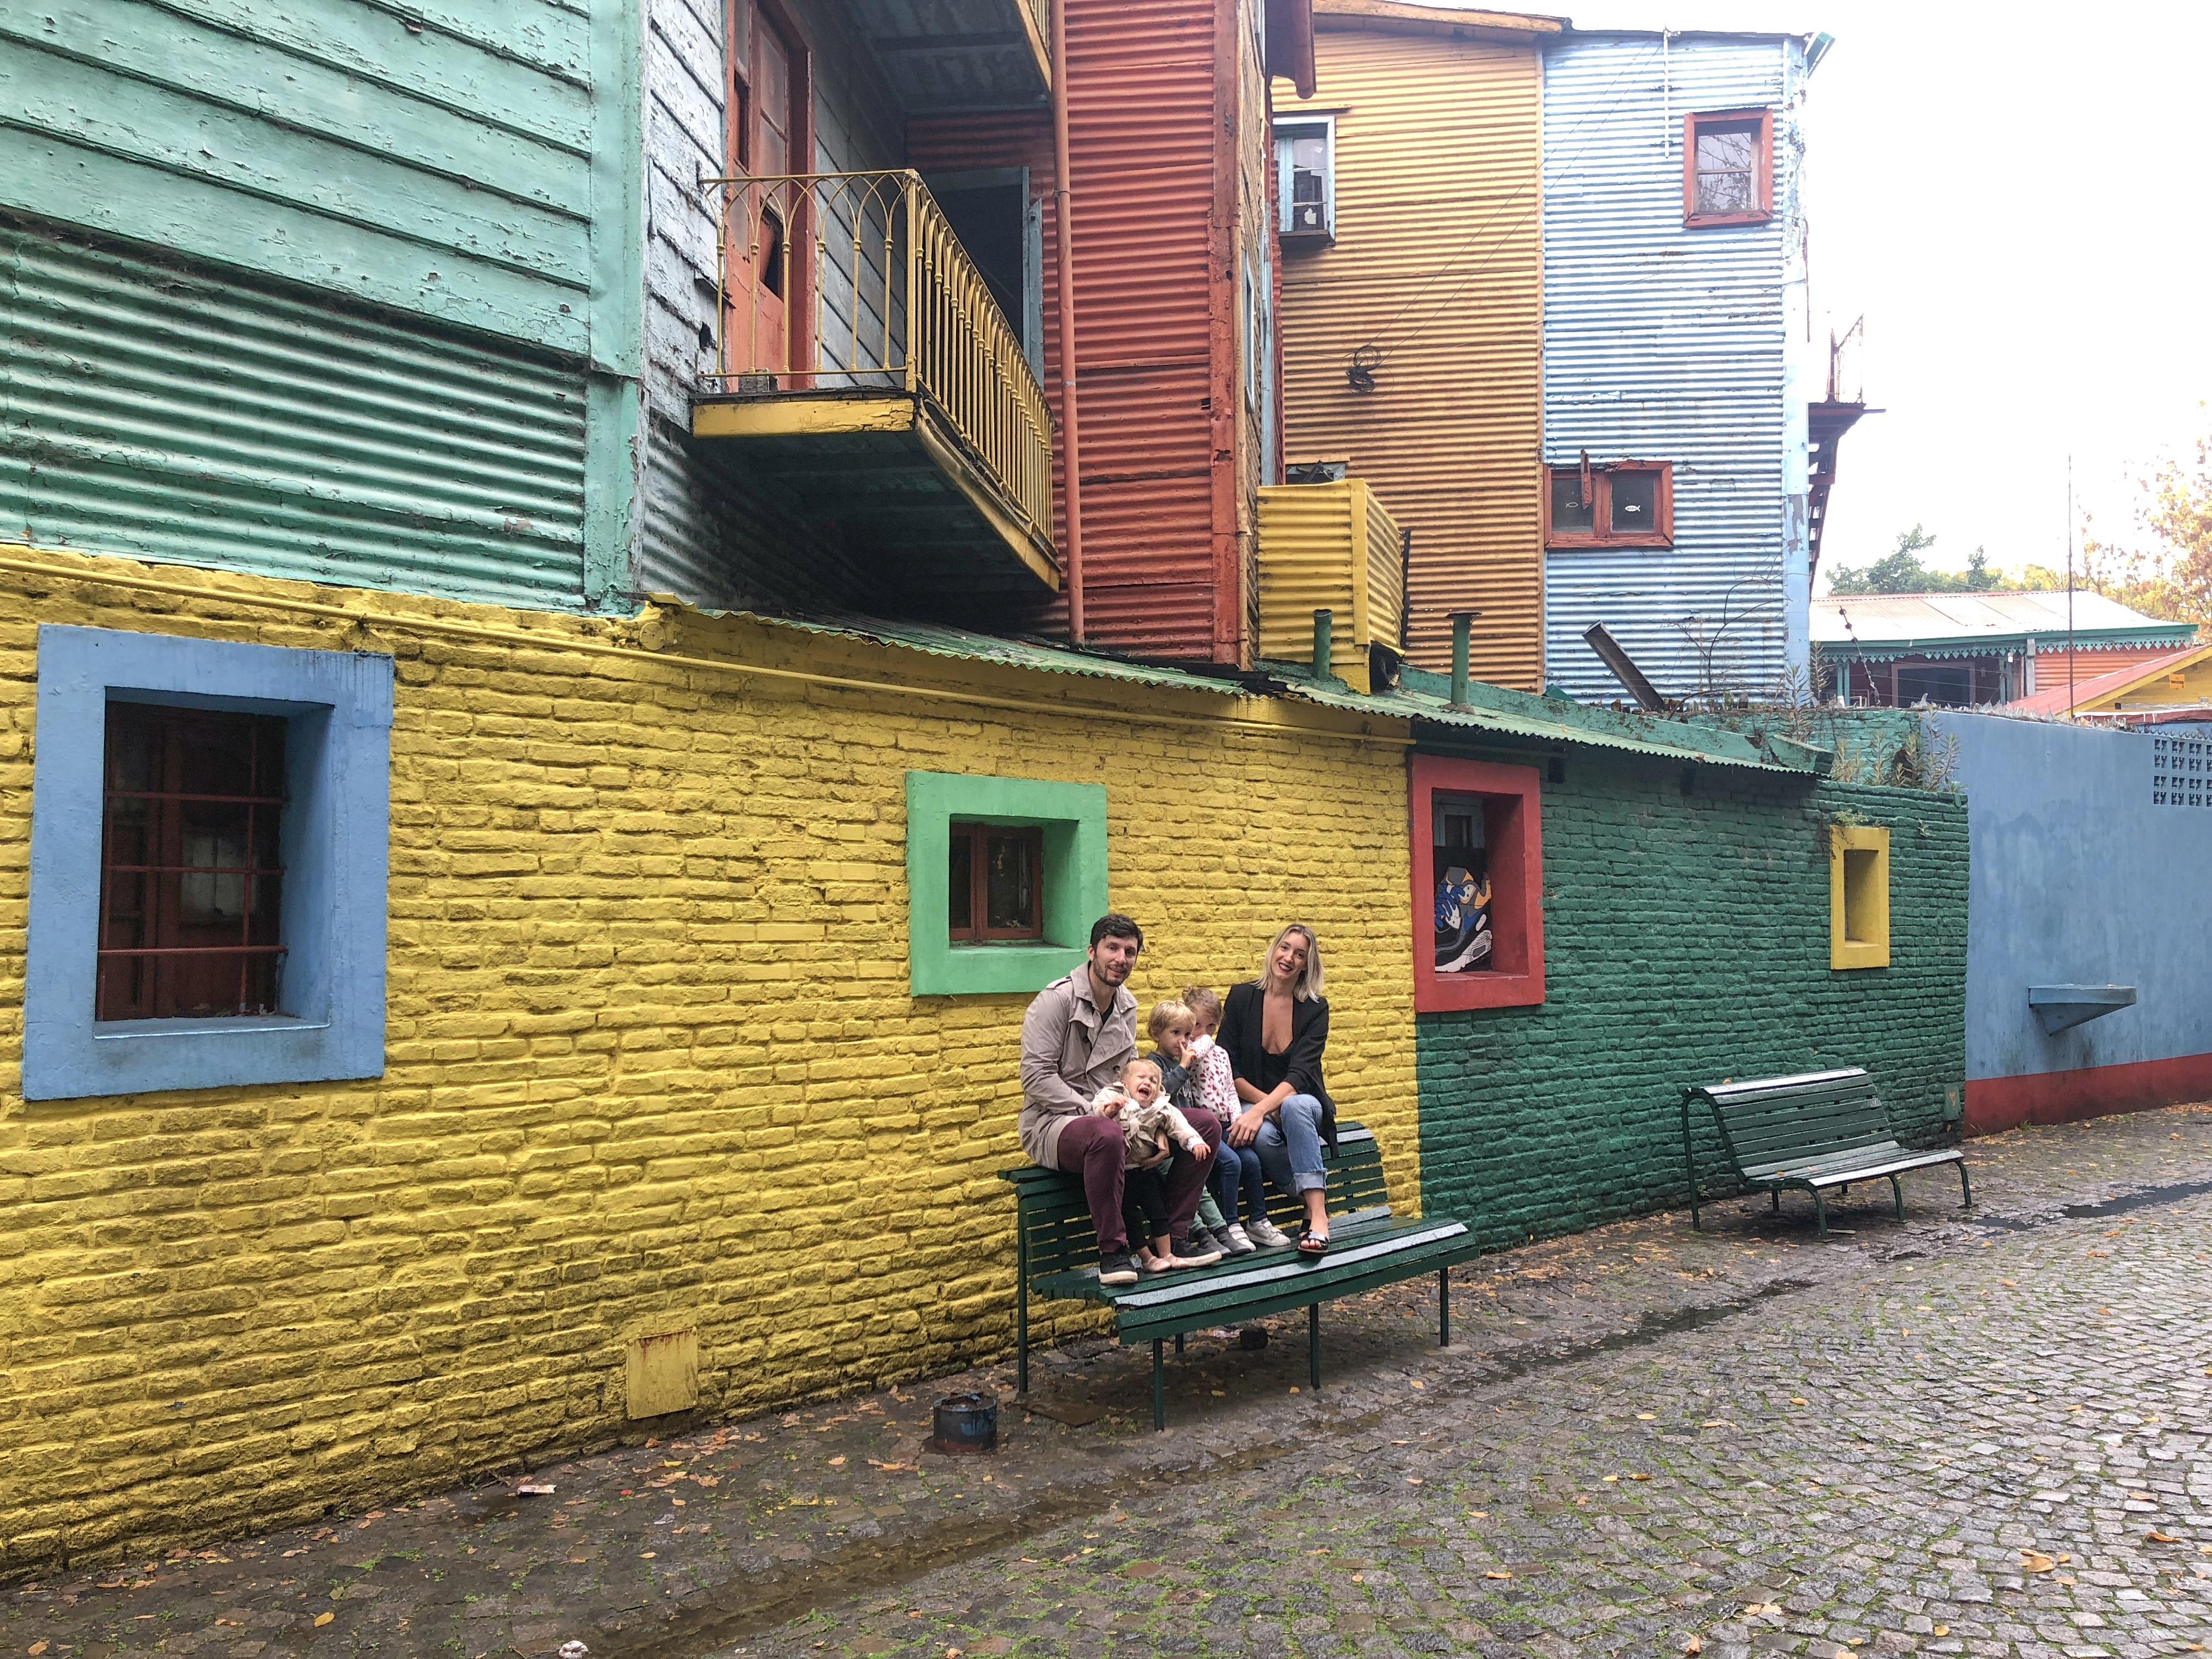 El Caminito Buenos Aires, O que fazer em Buenos Aires